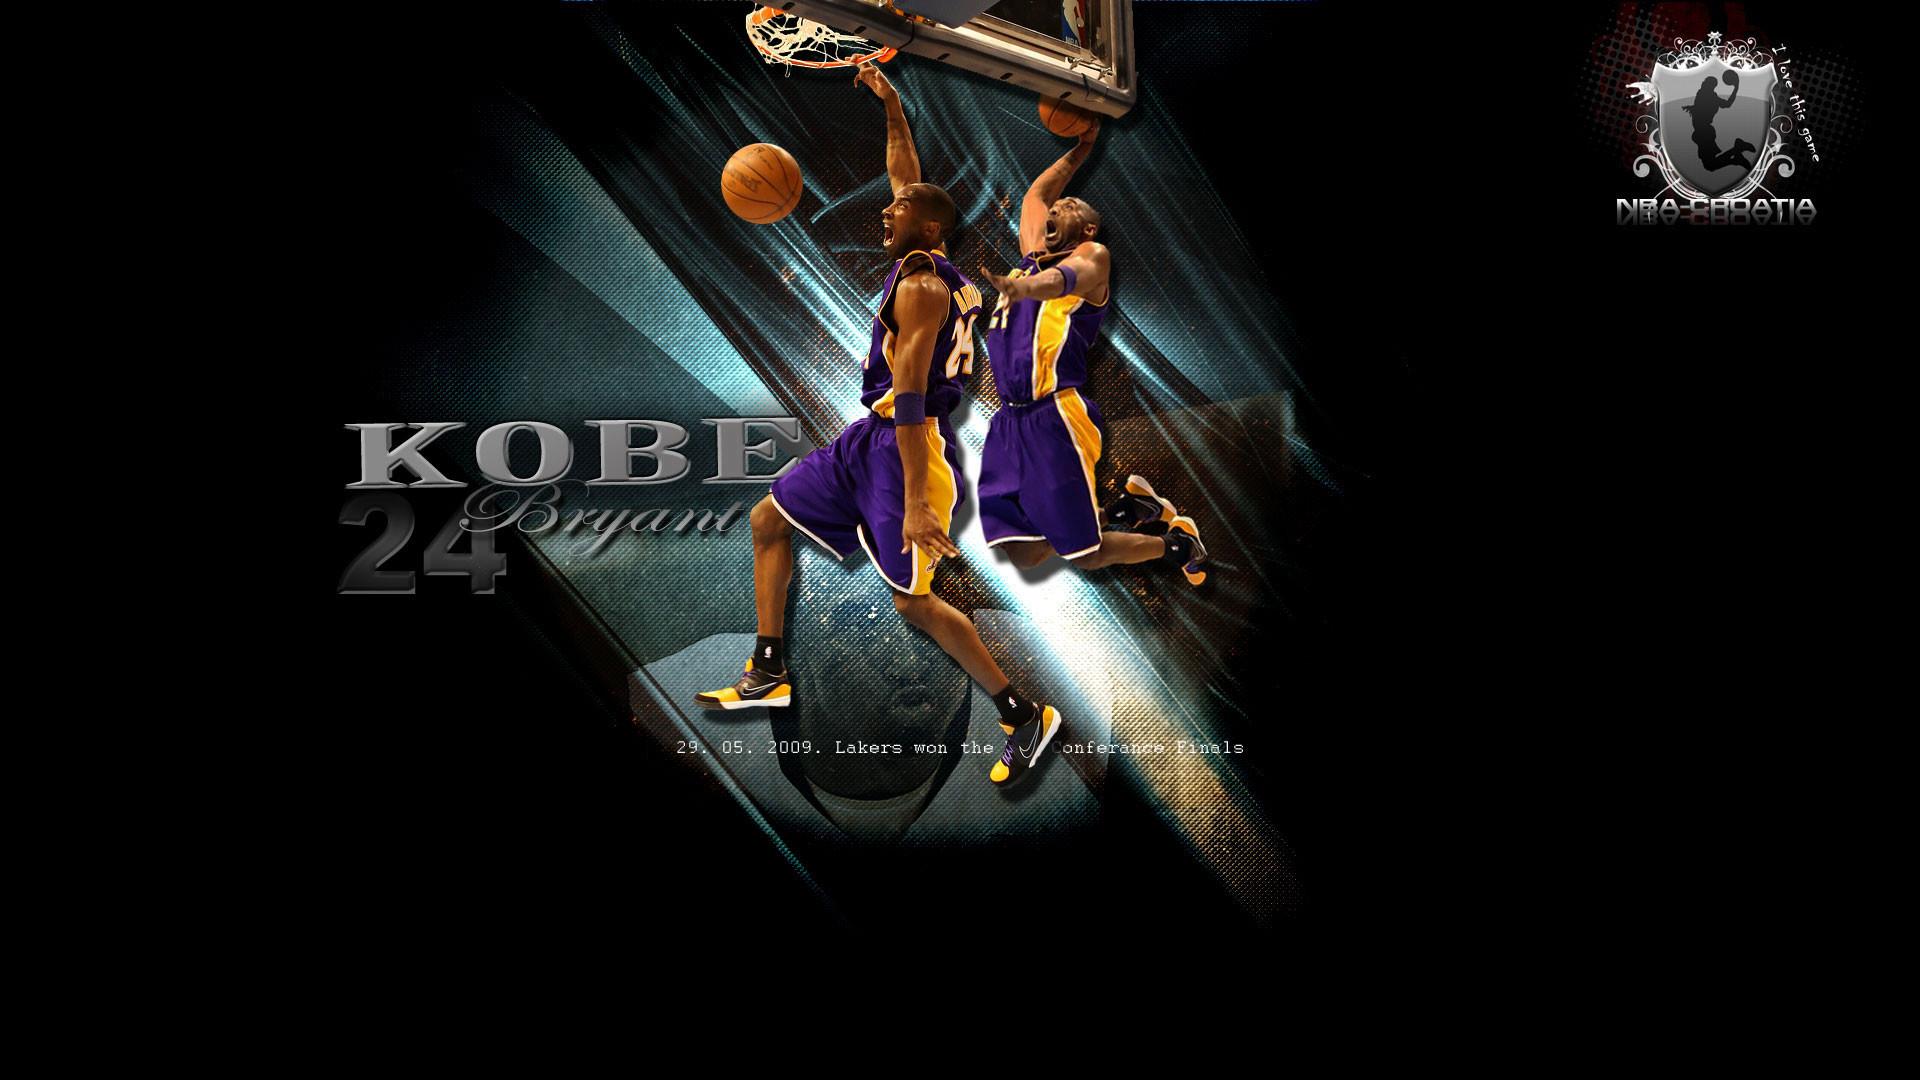 Lakers Kobe Bryant Wallpaper HD